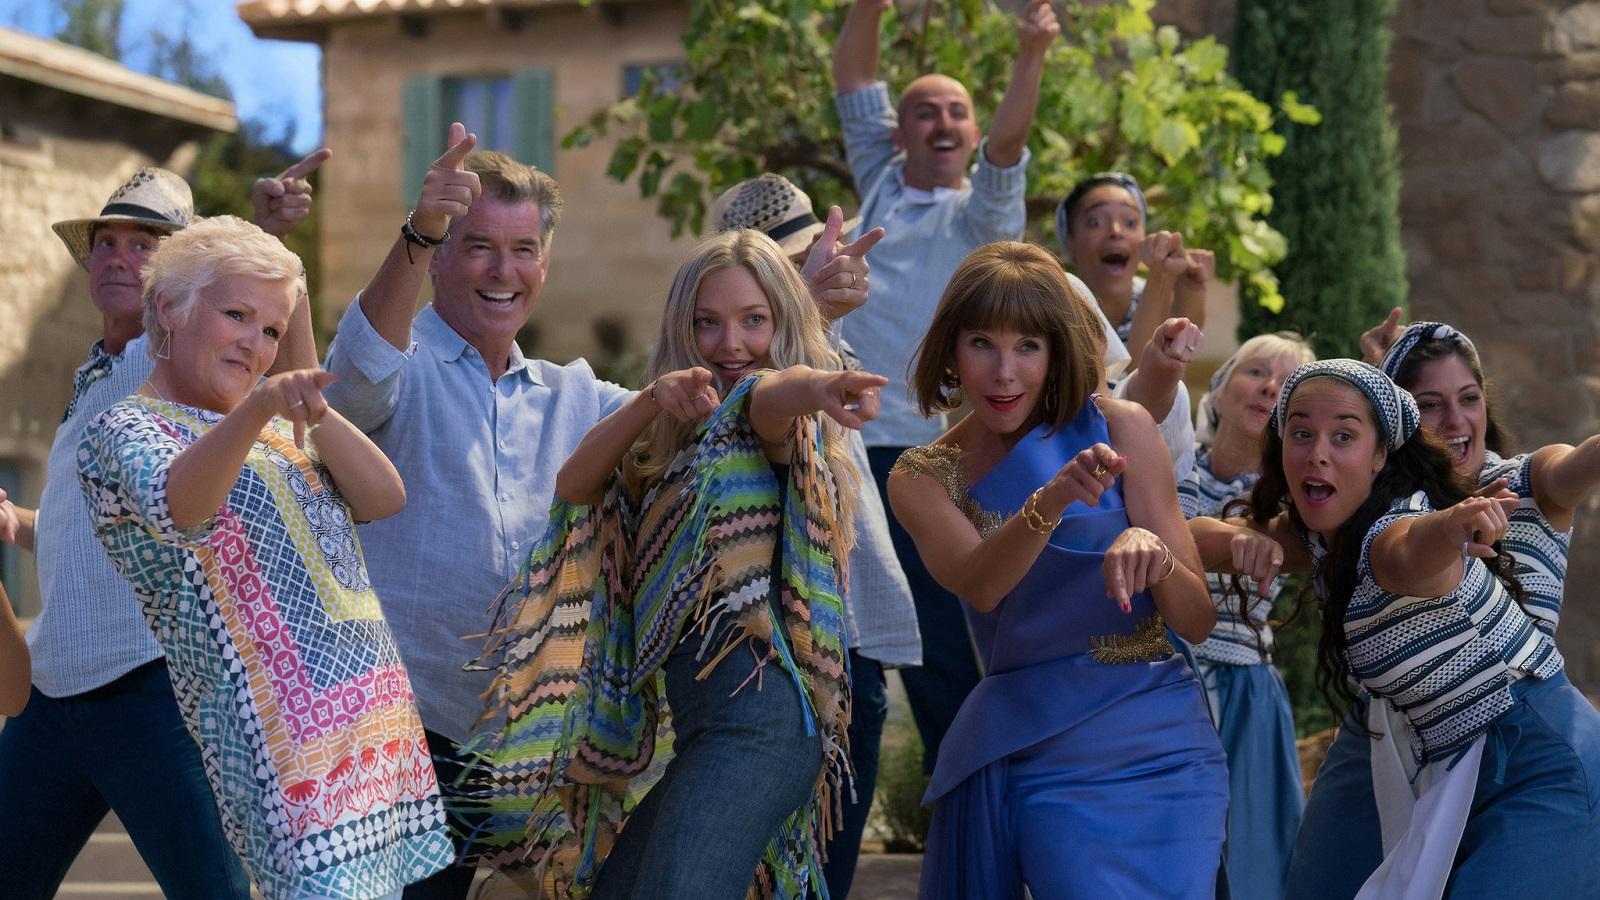 CinemaTivu: Mamma mia! Ci risiamo (USA 2018), con protagonista Amanda Seyfried, scritto e diretto da Ol Parker, in prima tv su Canale5